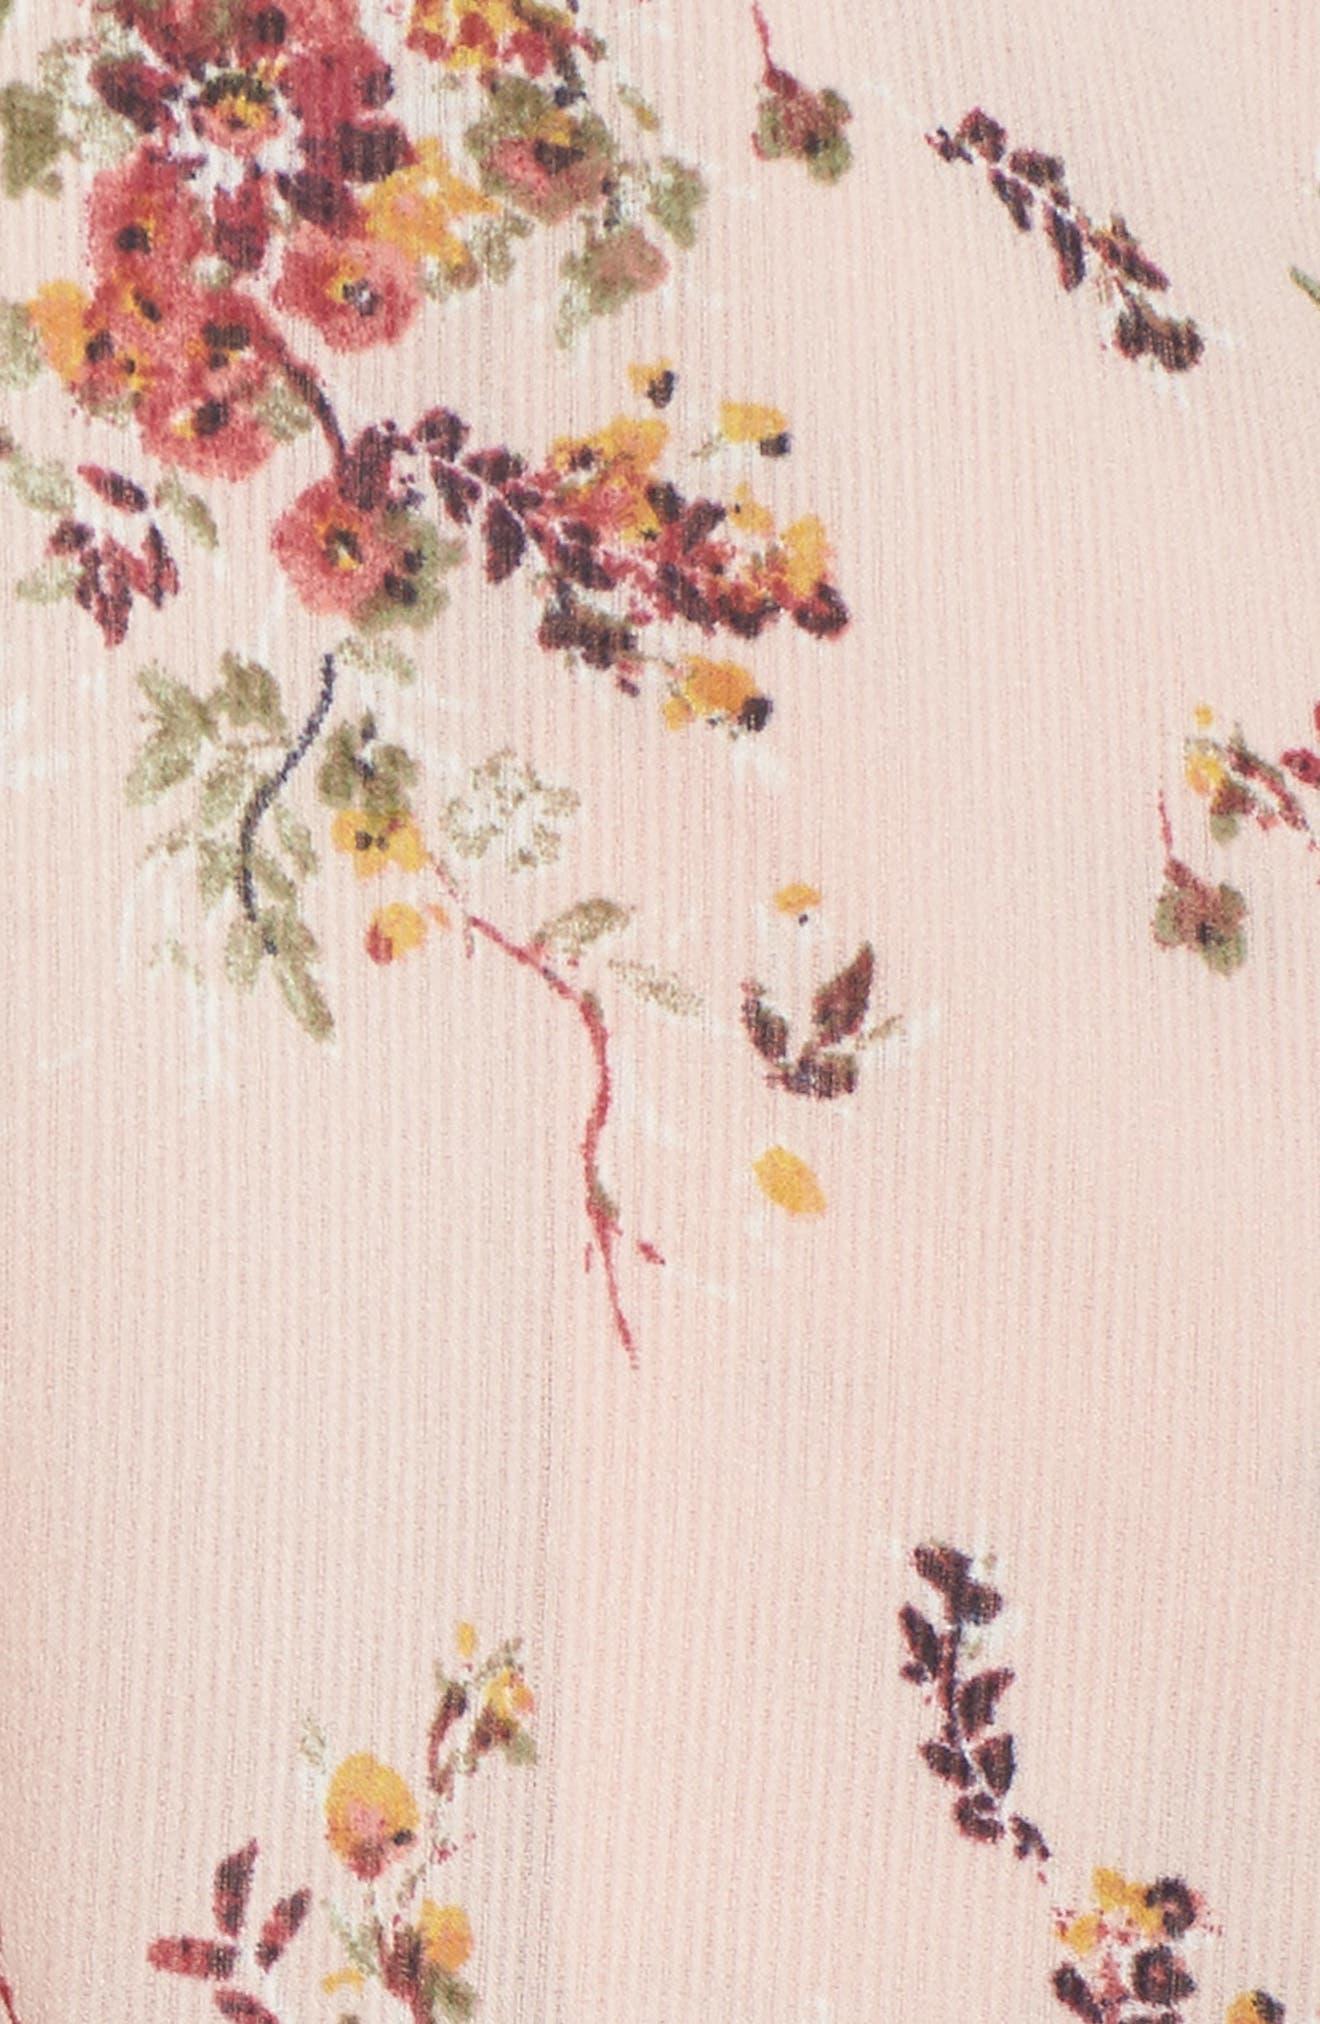 Atwater Village Midi Dress,                             Alternate thumbnail 5, color,                             Blush Vintage Bouquet